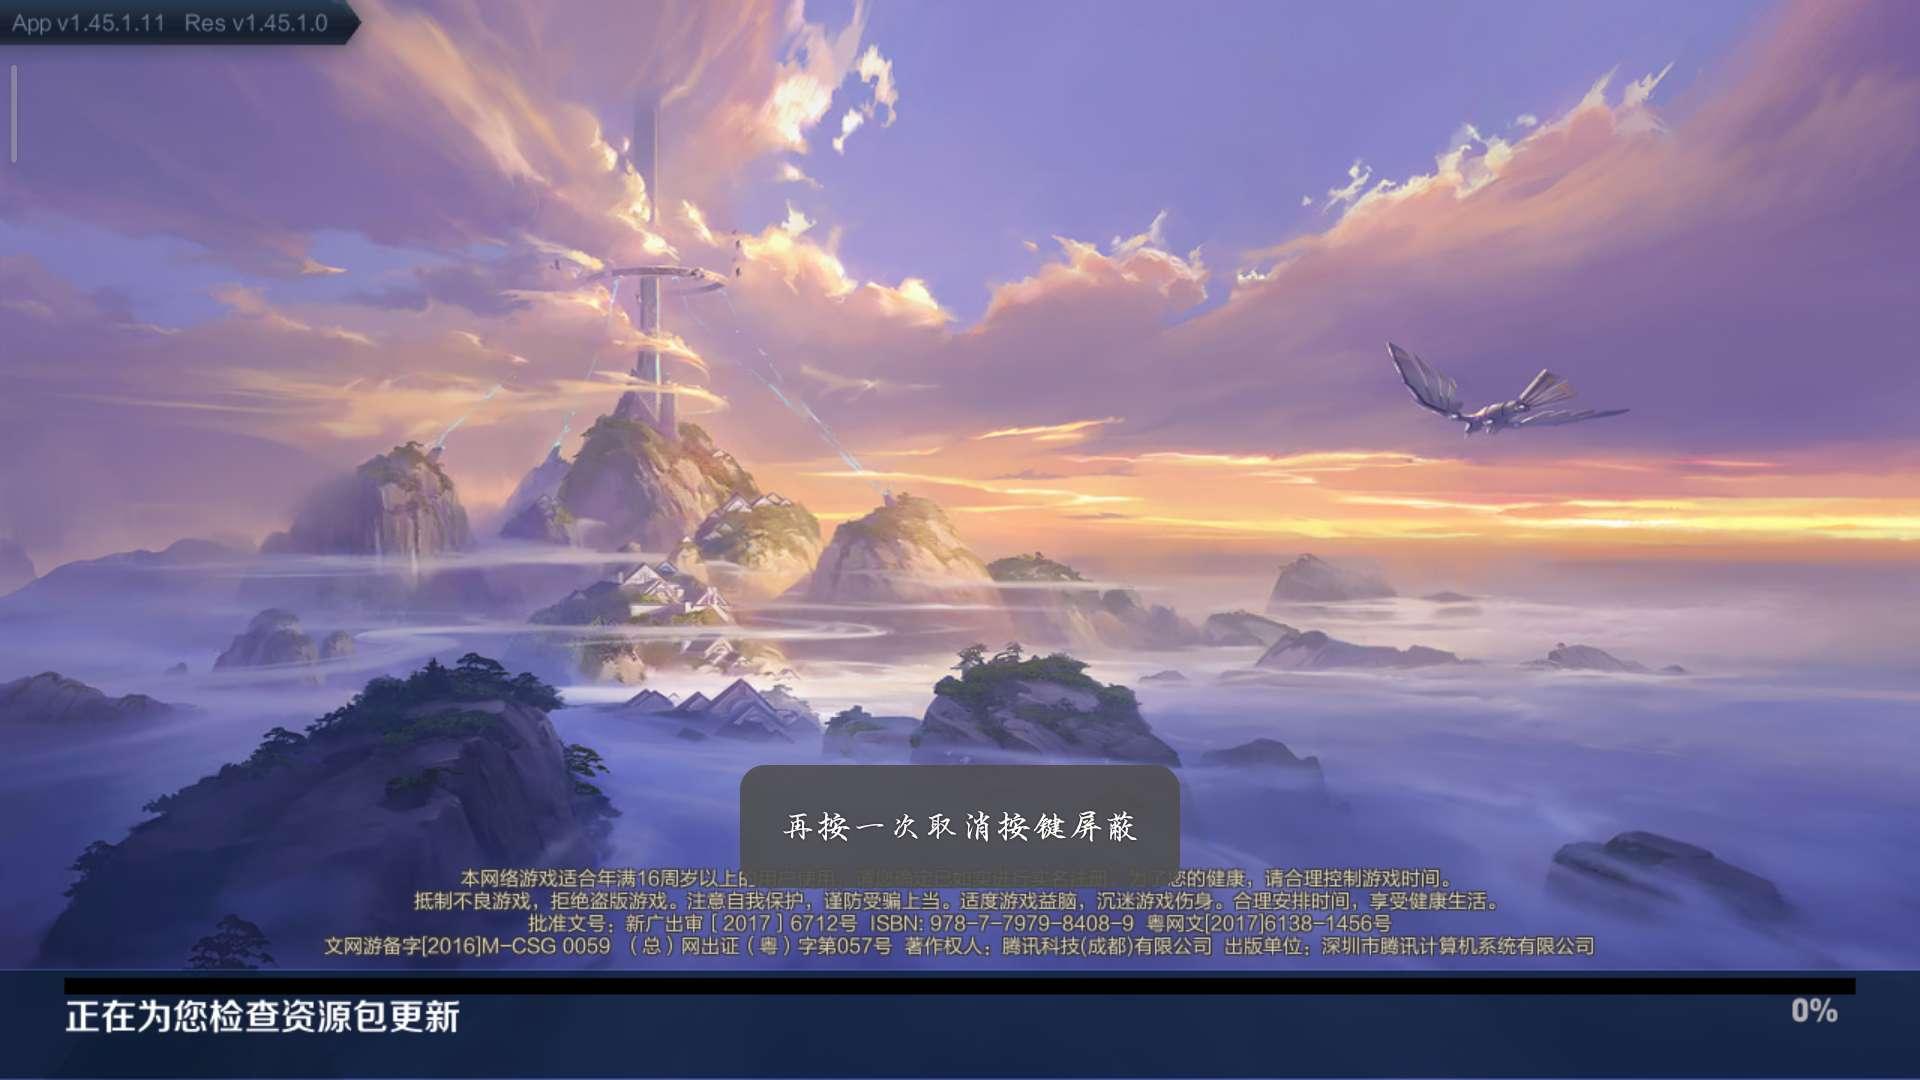 【修改教程】解决王者荣耀卡在初始化界面问题-www.im86.com